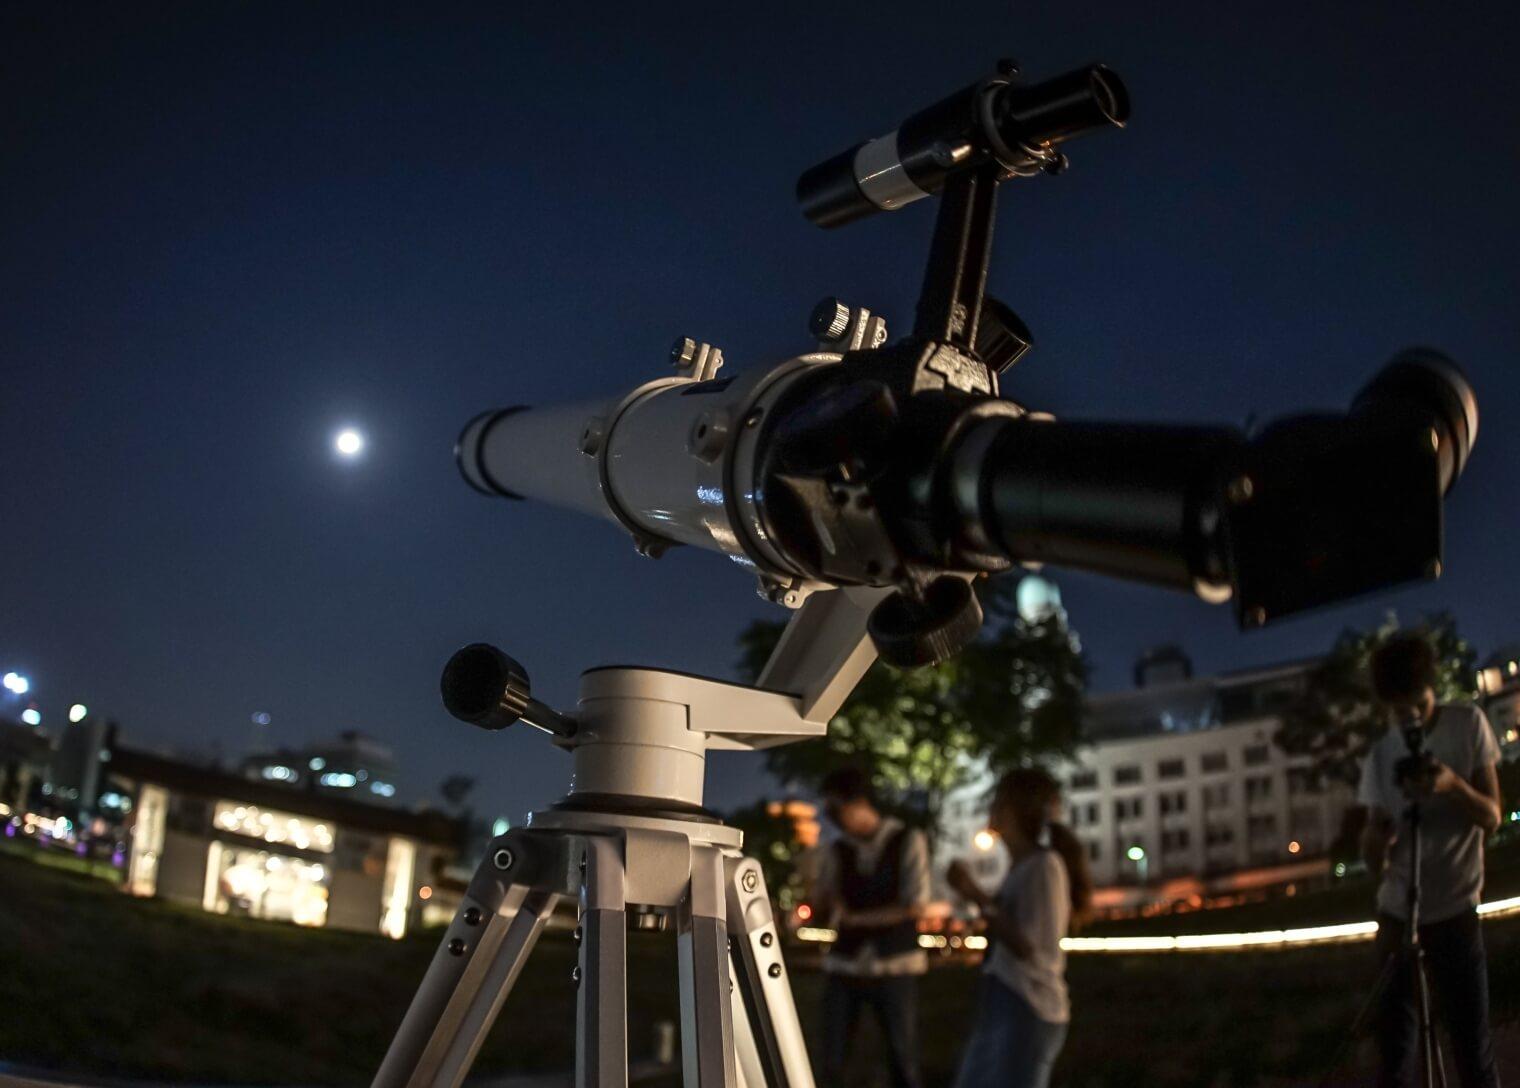 天体望遠鏡の正しい収納方法や、適切な保管方法ご説明していきます!